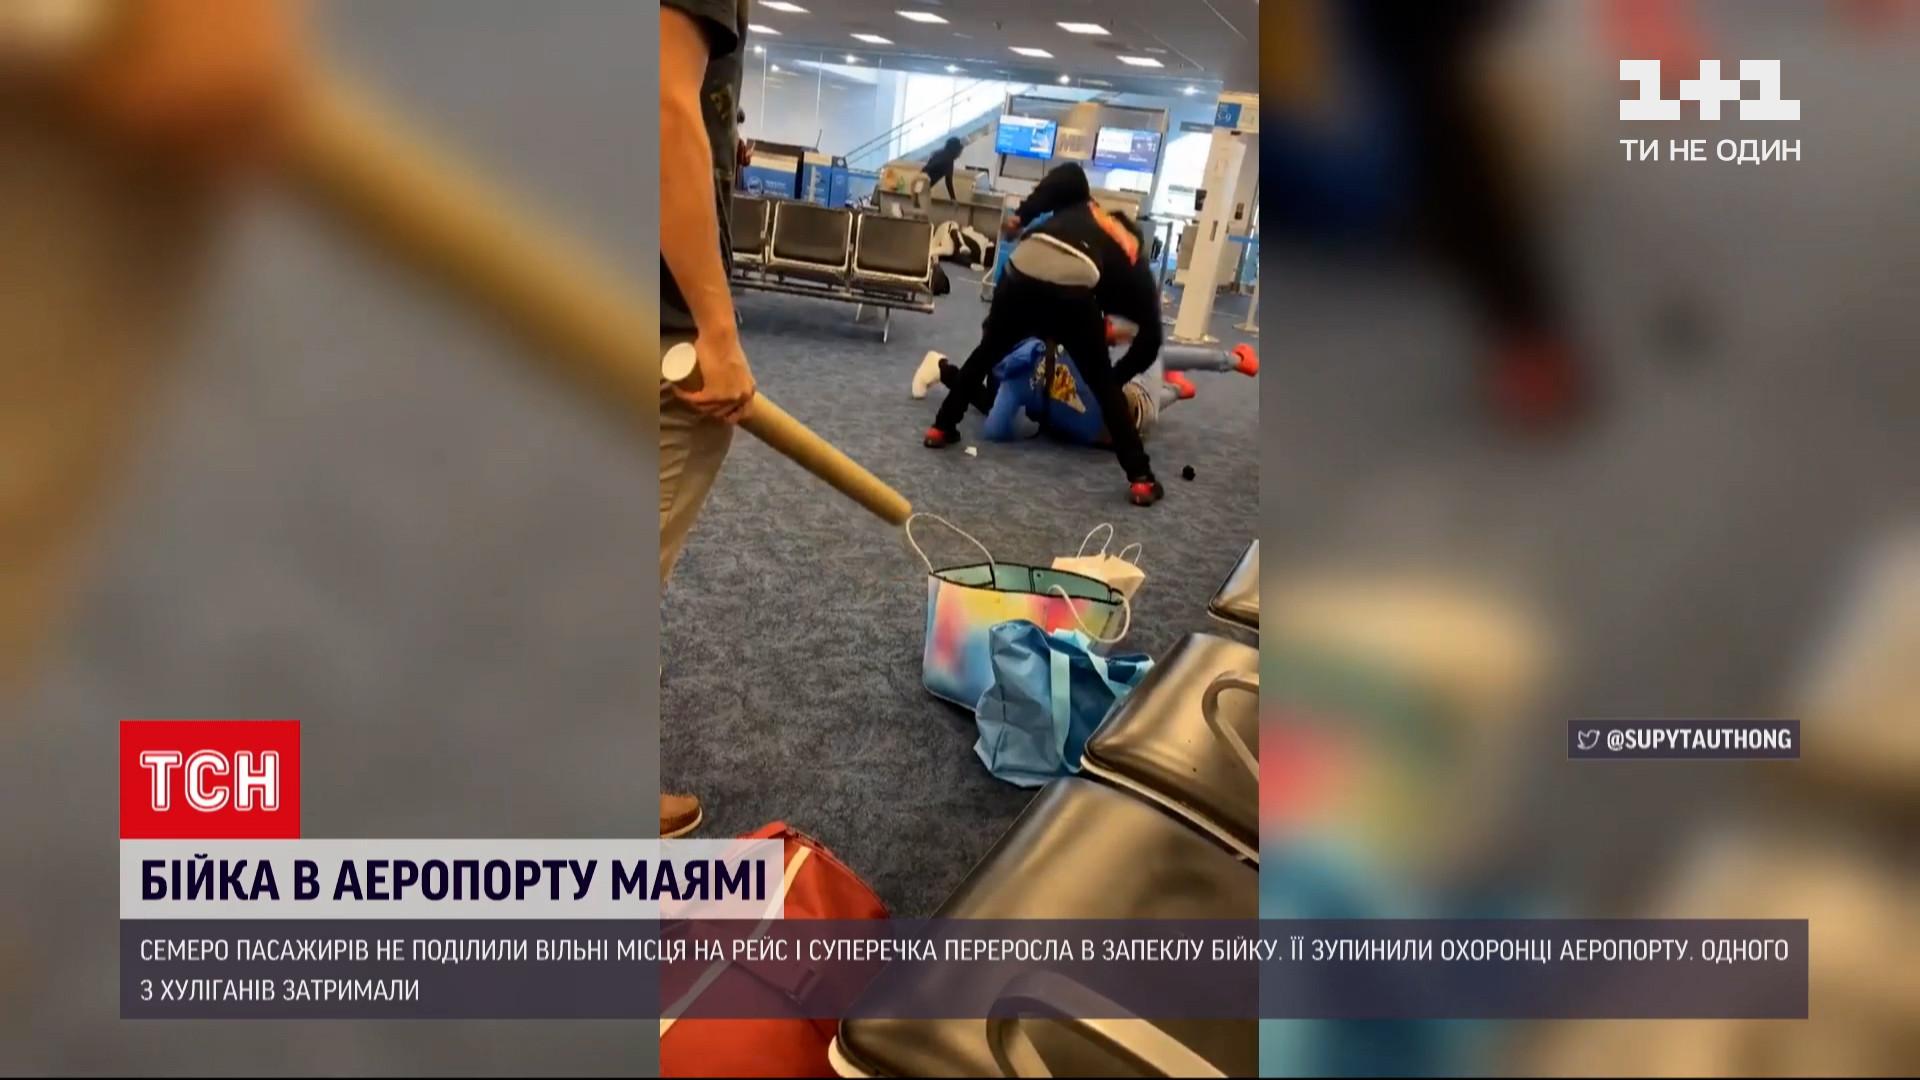 В аэропорту Майами пассажиры подрались за свободные места в самолете